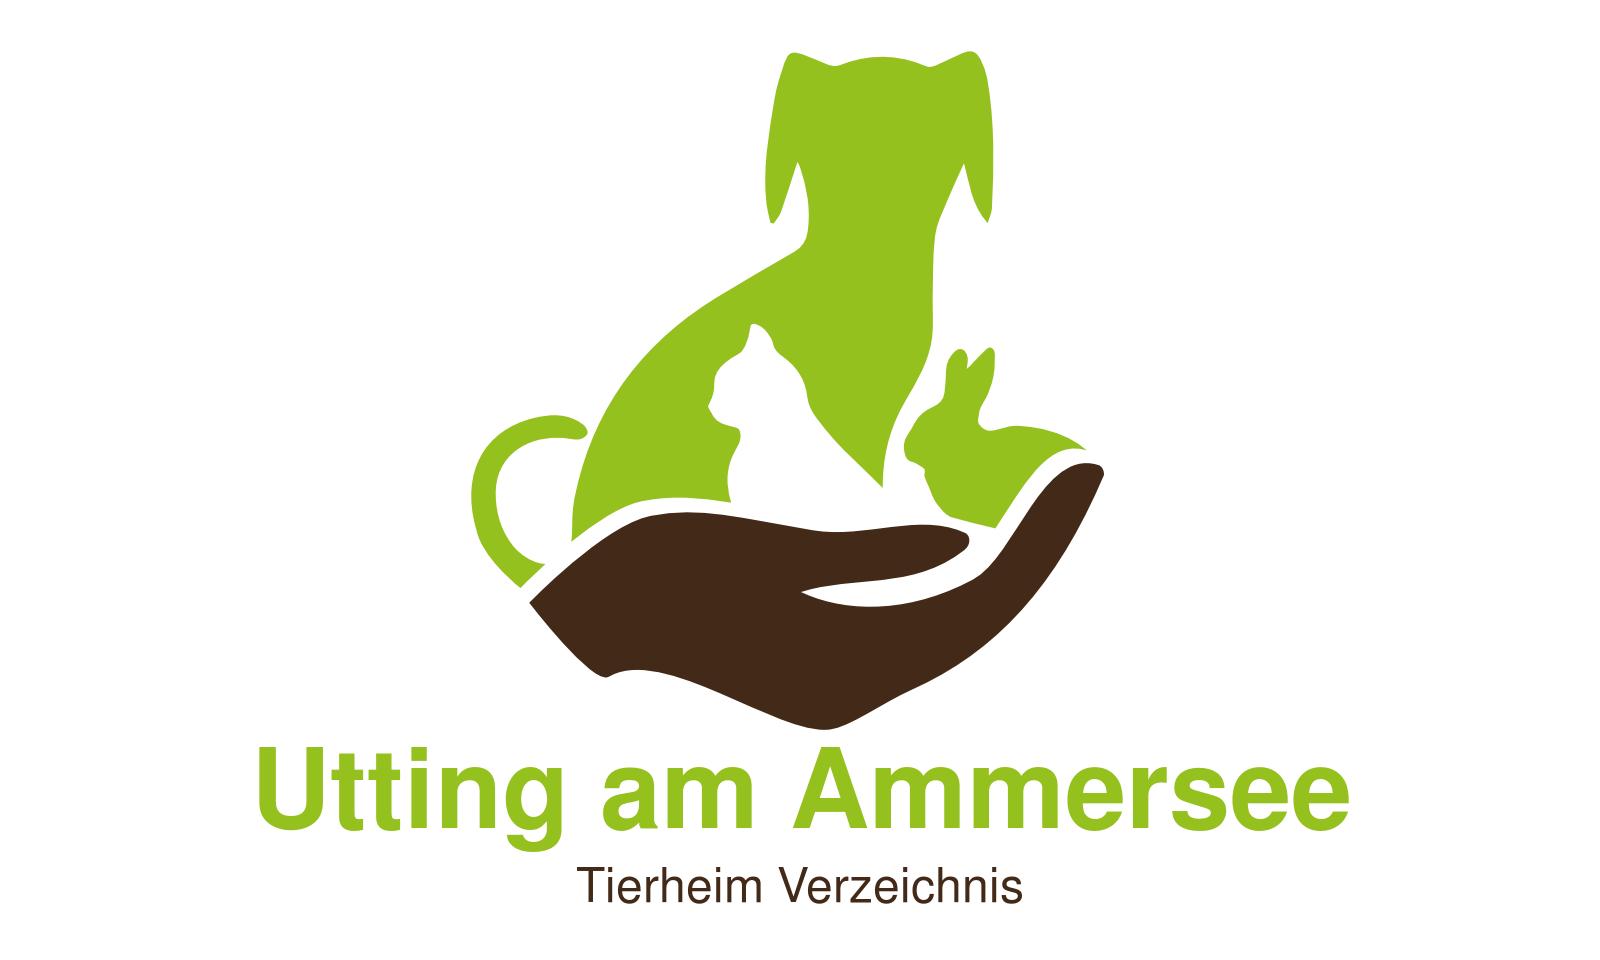 Tierheim Utting am Ammersee